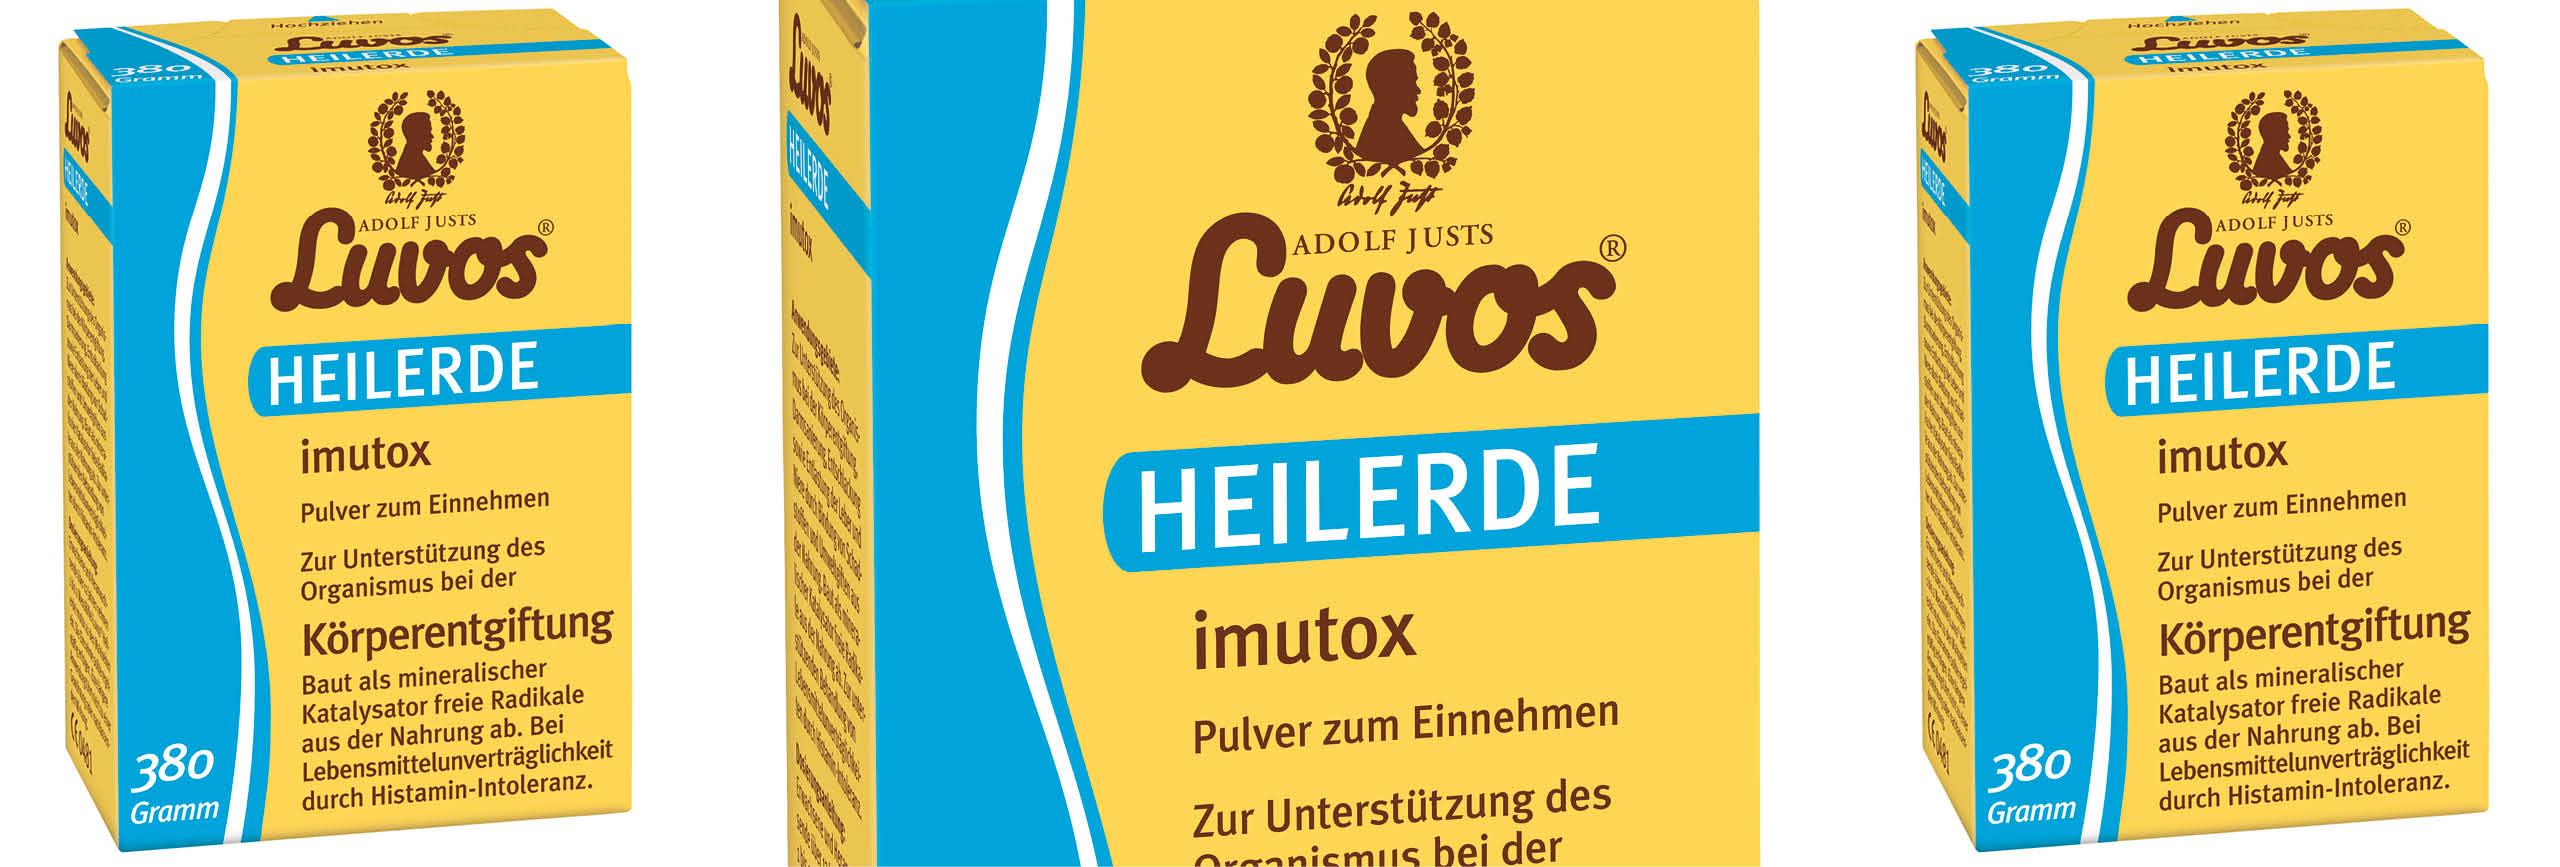 Luvos-Heilerde Pulver imotox